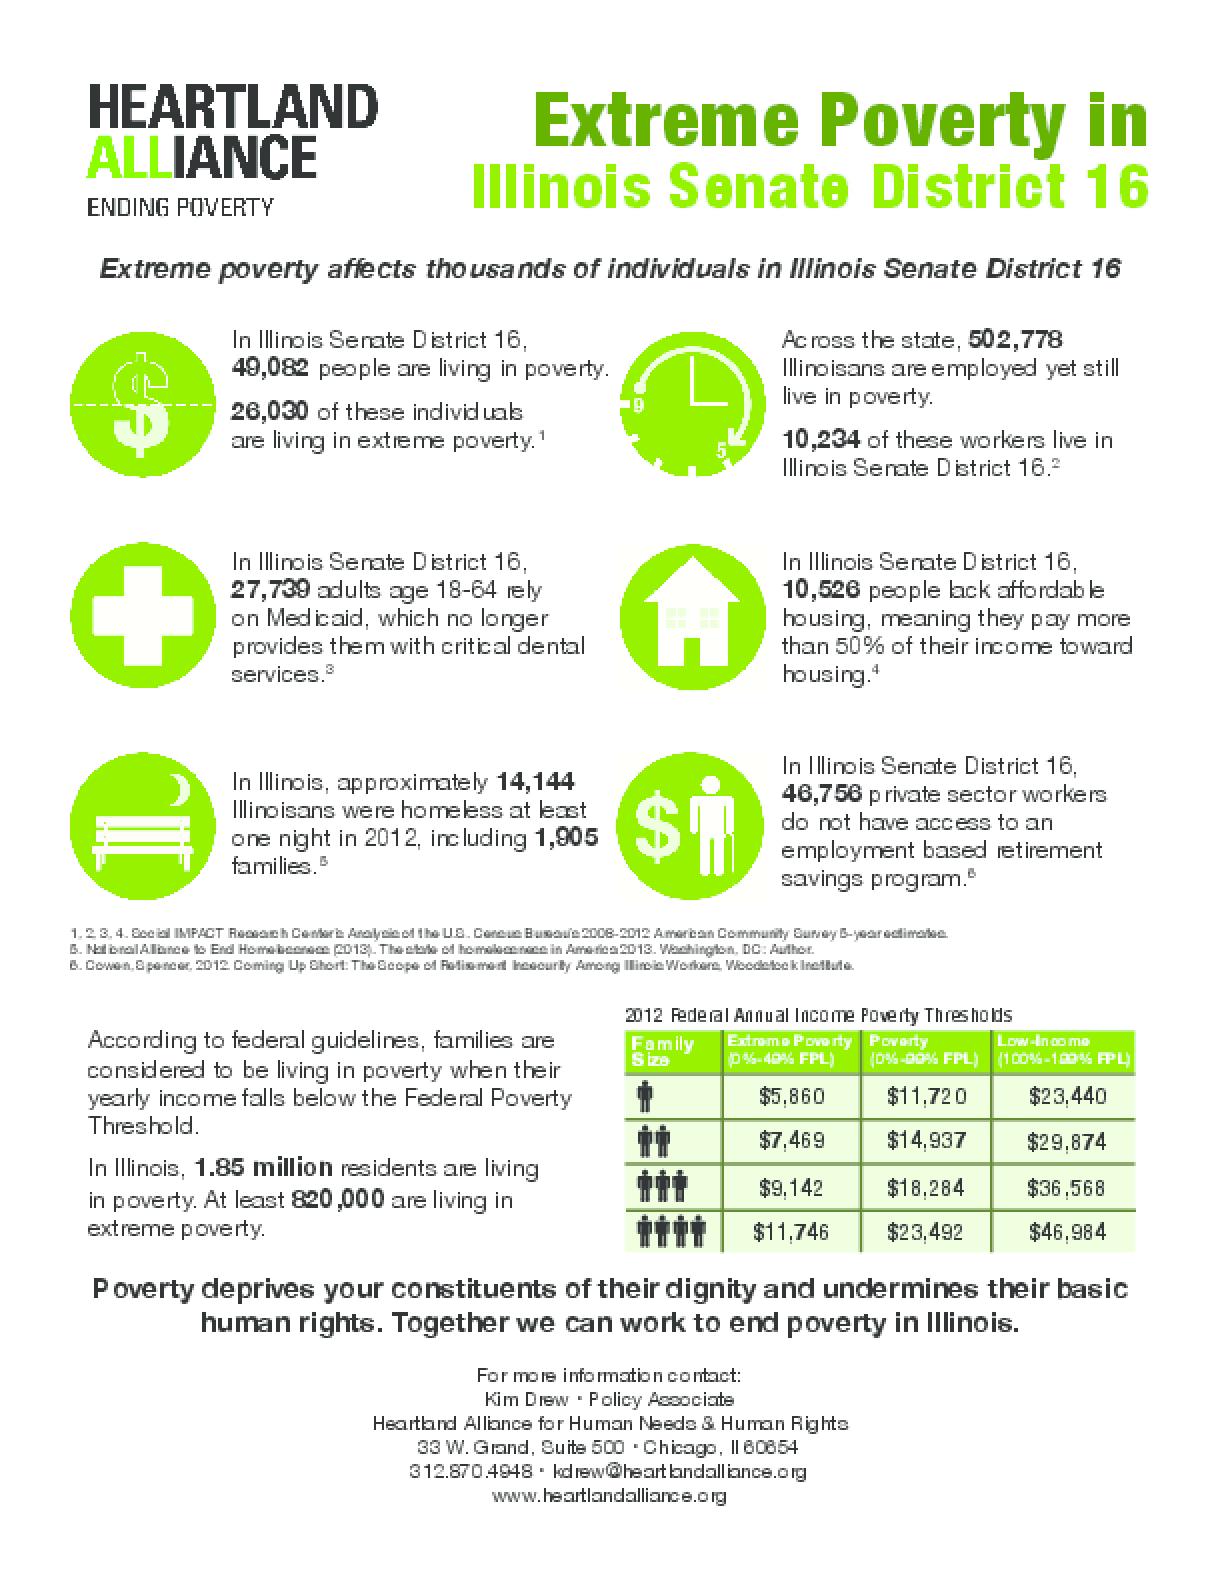 Poverty Fact Sheet for Illinois Senate District 16